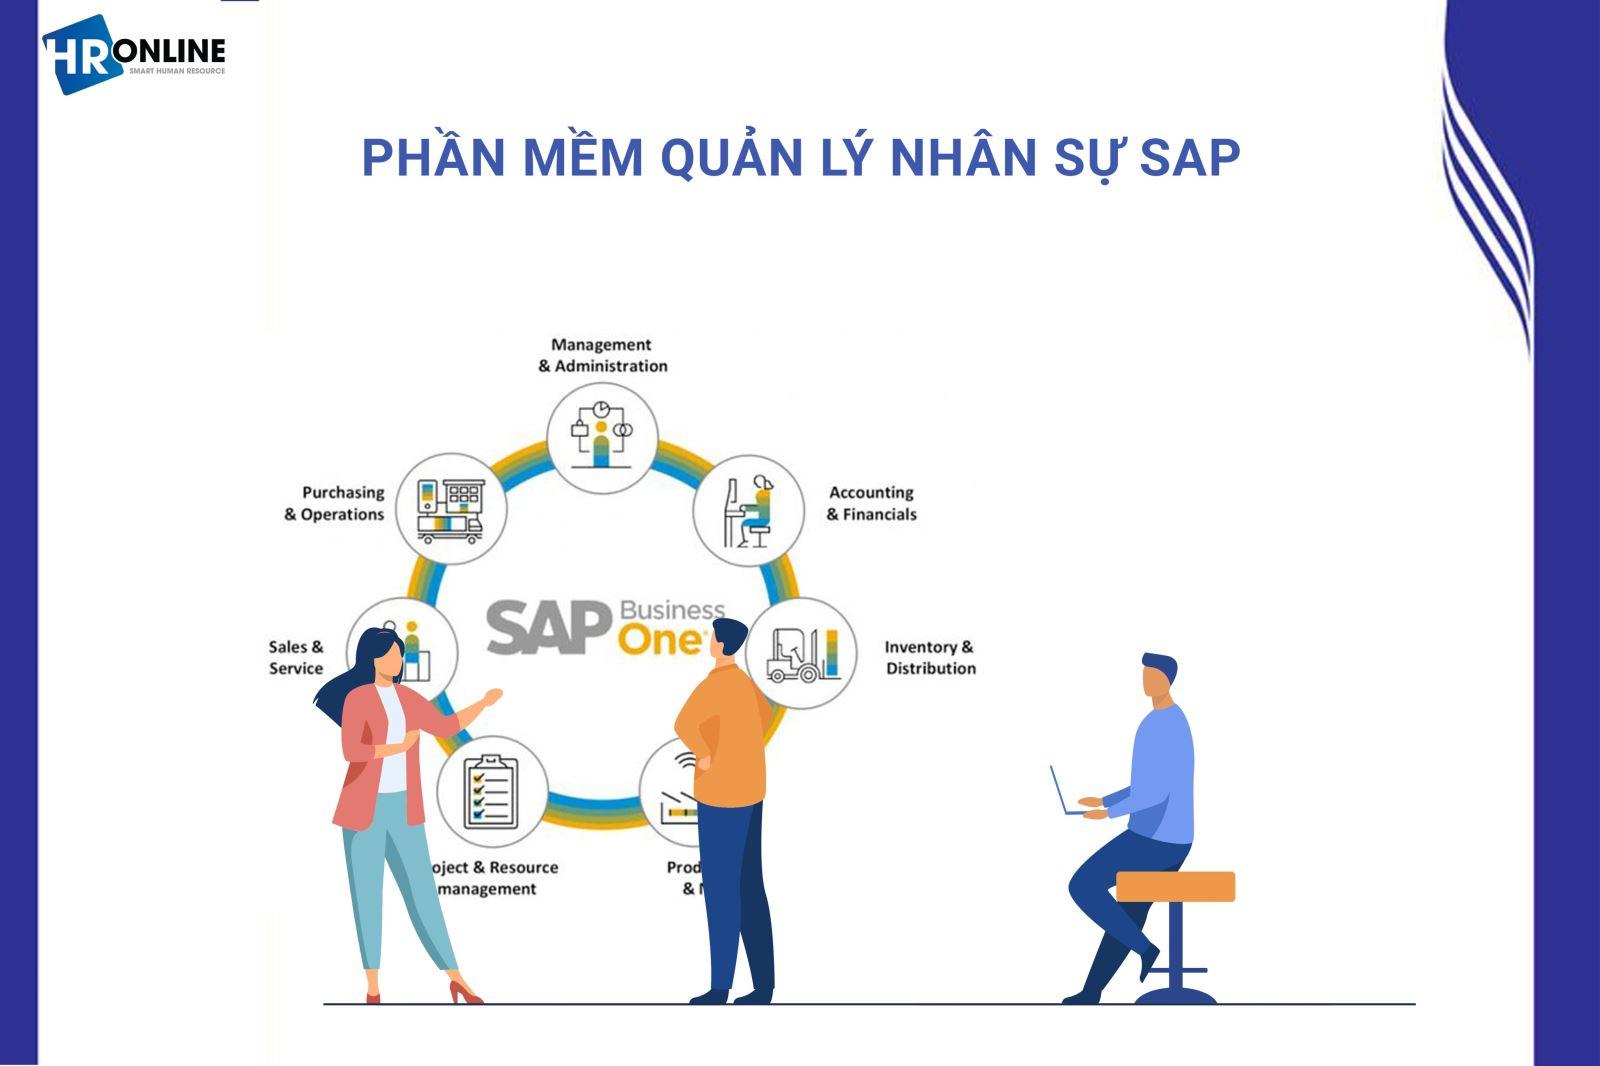 Bạn có thực sự hiểu về SAP chưa?